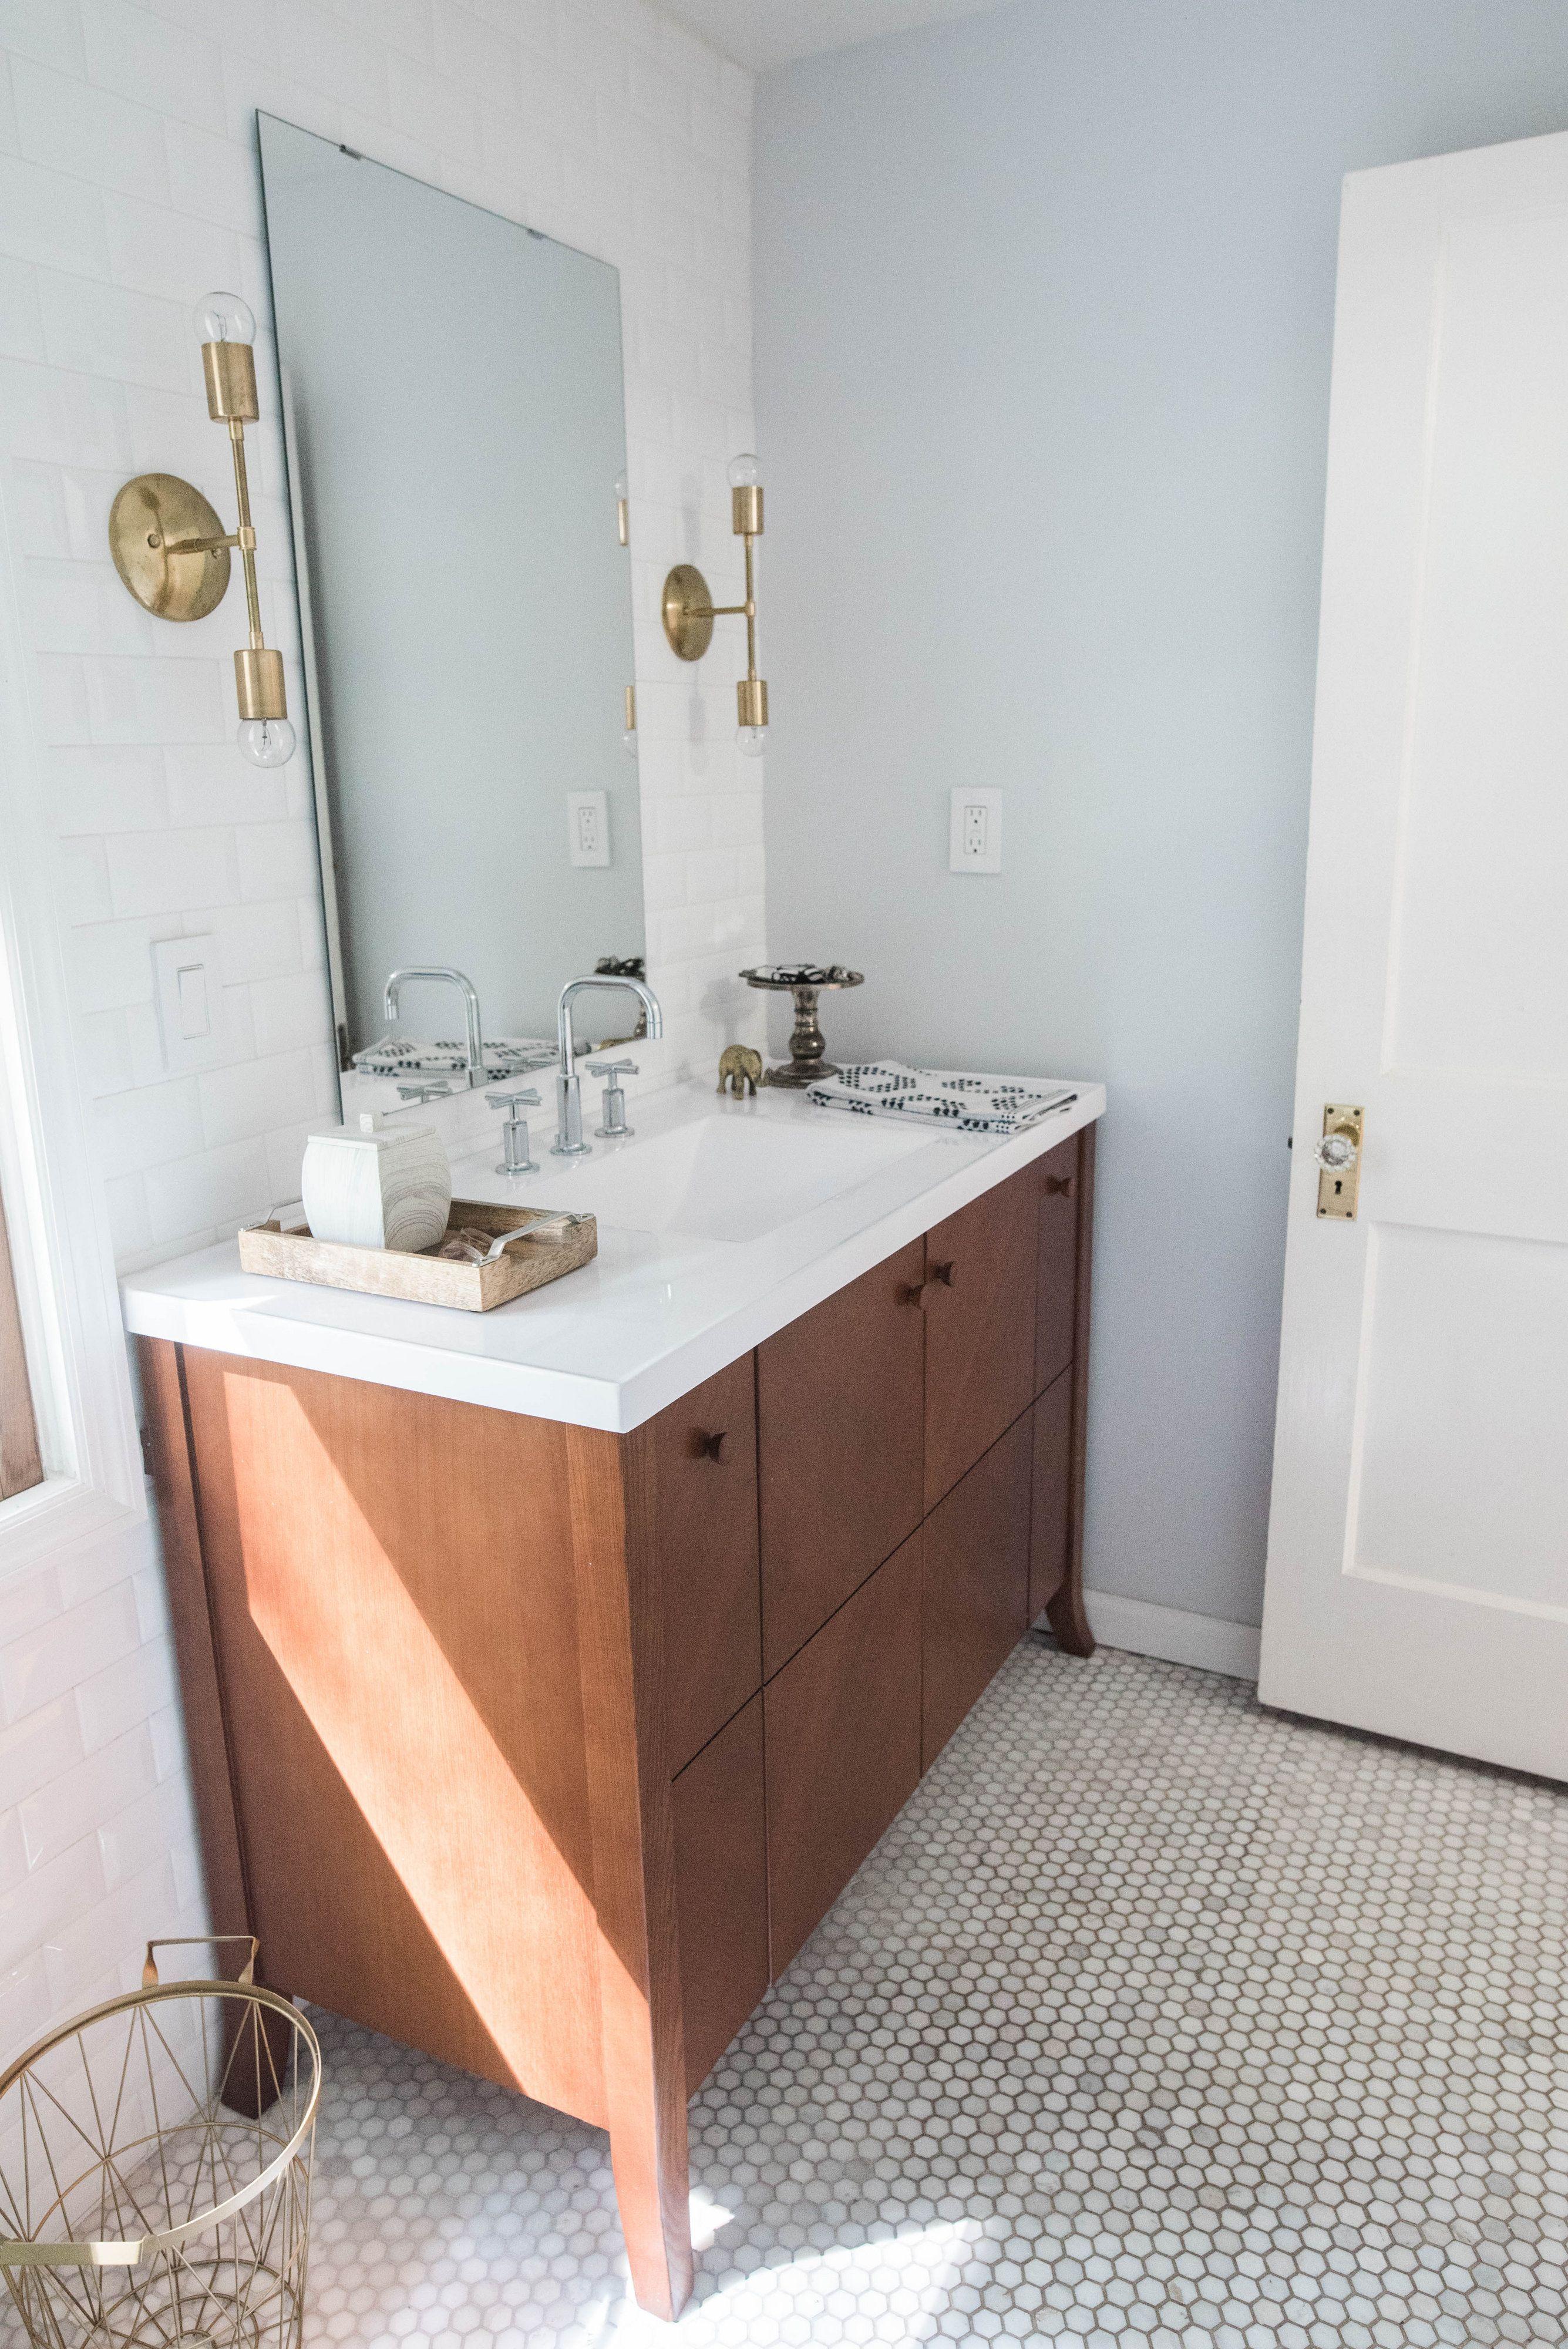 Hexagon Tile Floor Bathroom Vanity Br Accessories